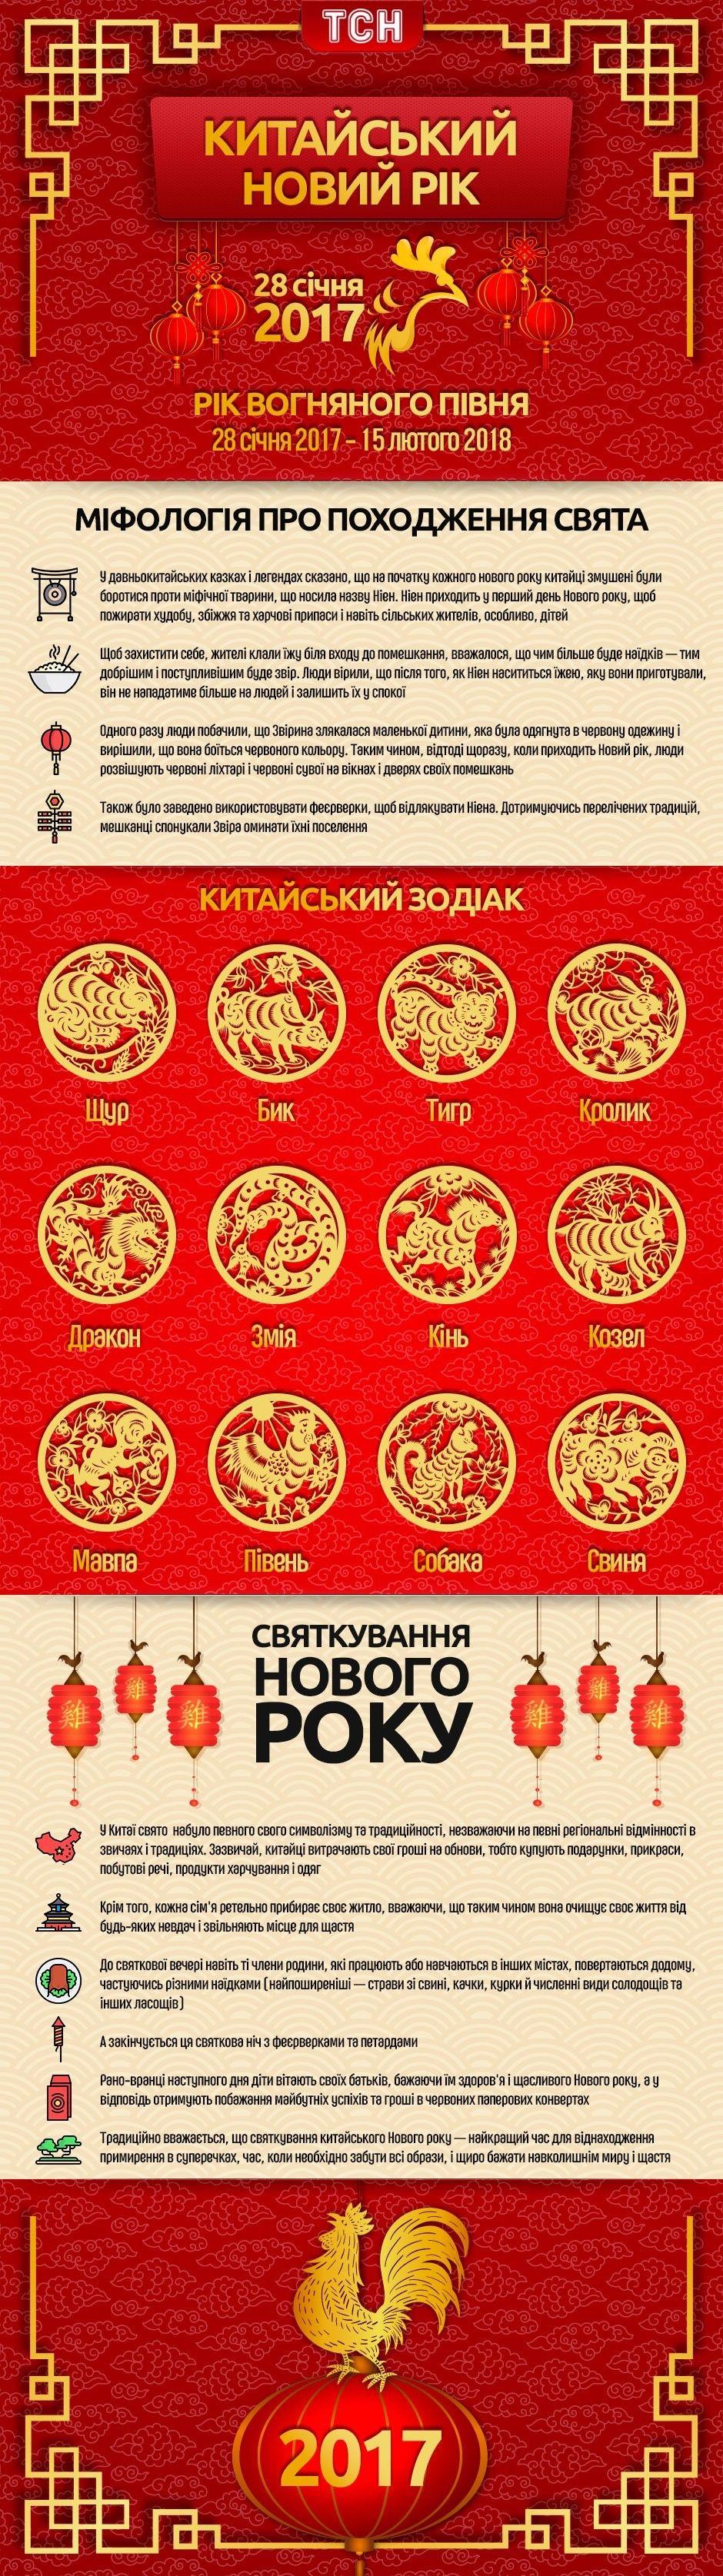 Китайський новий рік, рік Вогняного півня, інфографіка